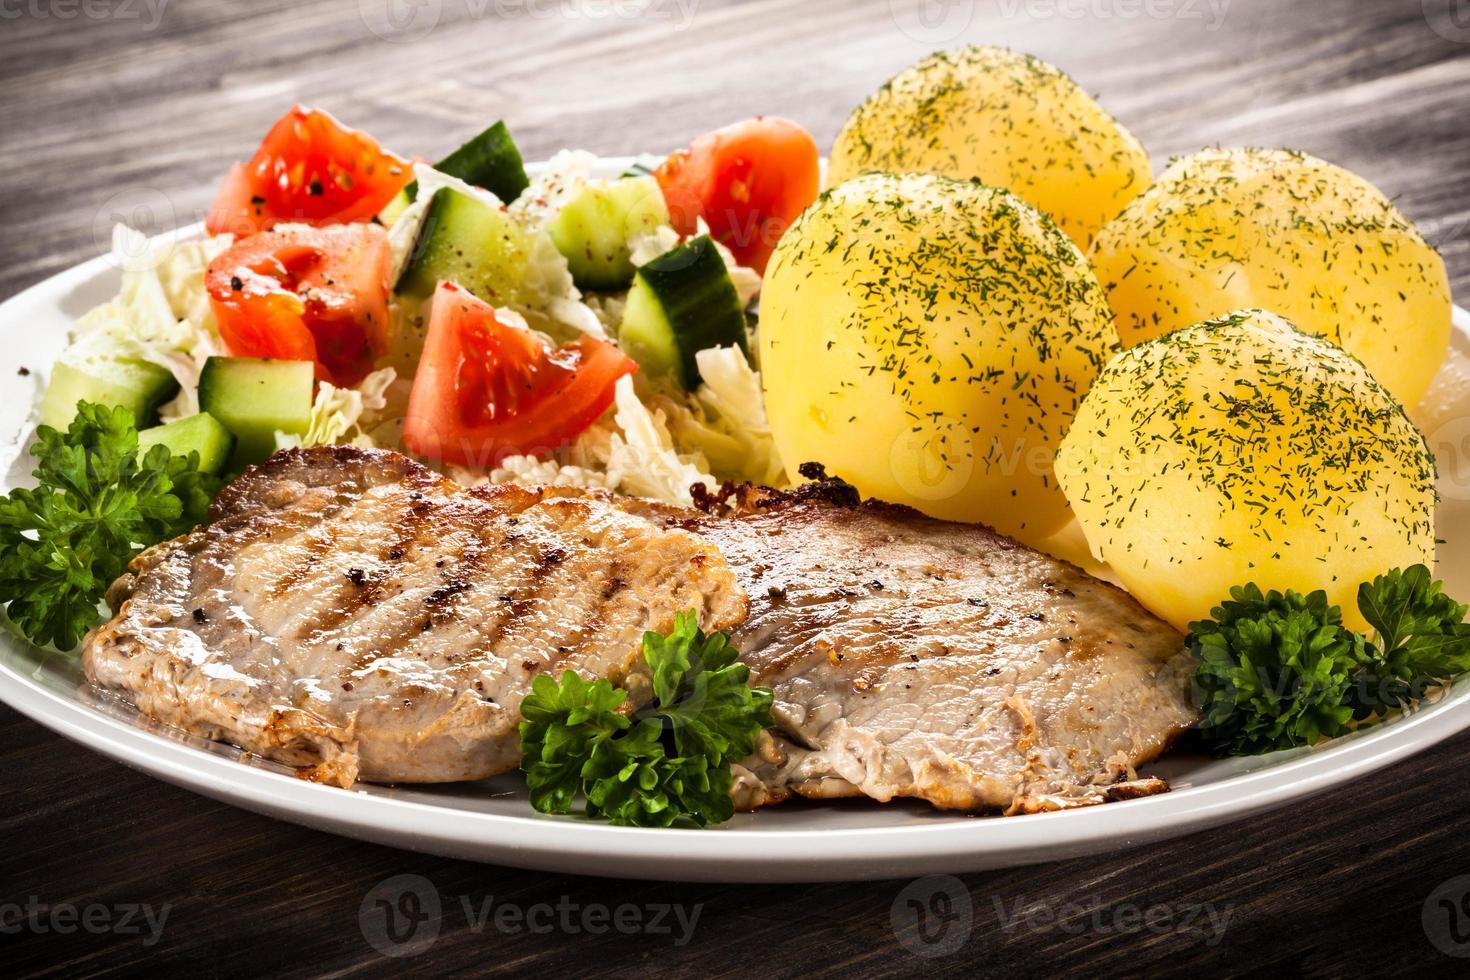 bistecca alla griglia, patate lesse e verdure su fondo di legno foto